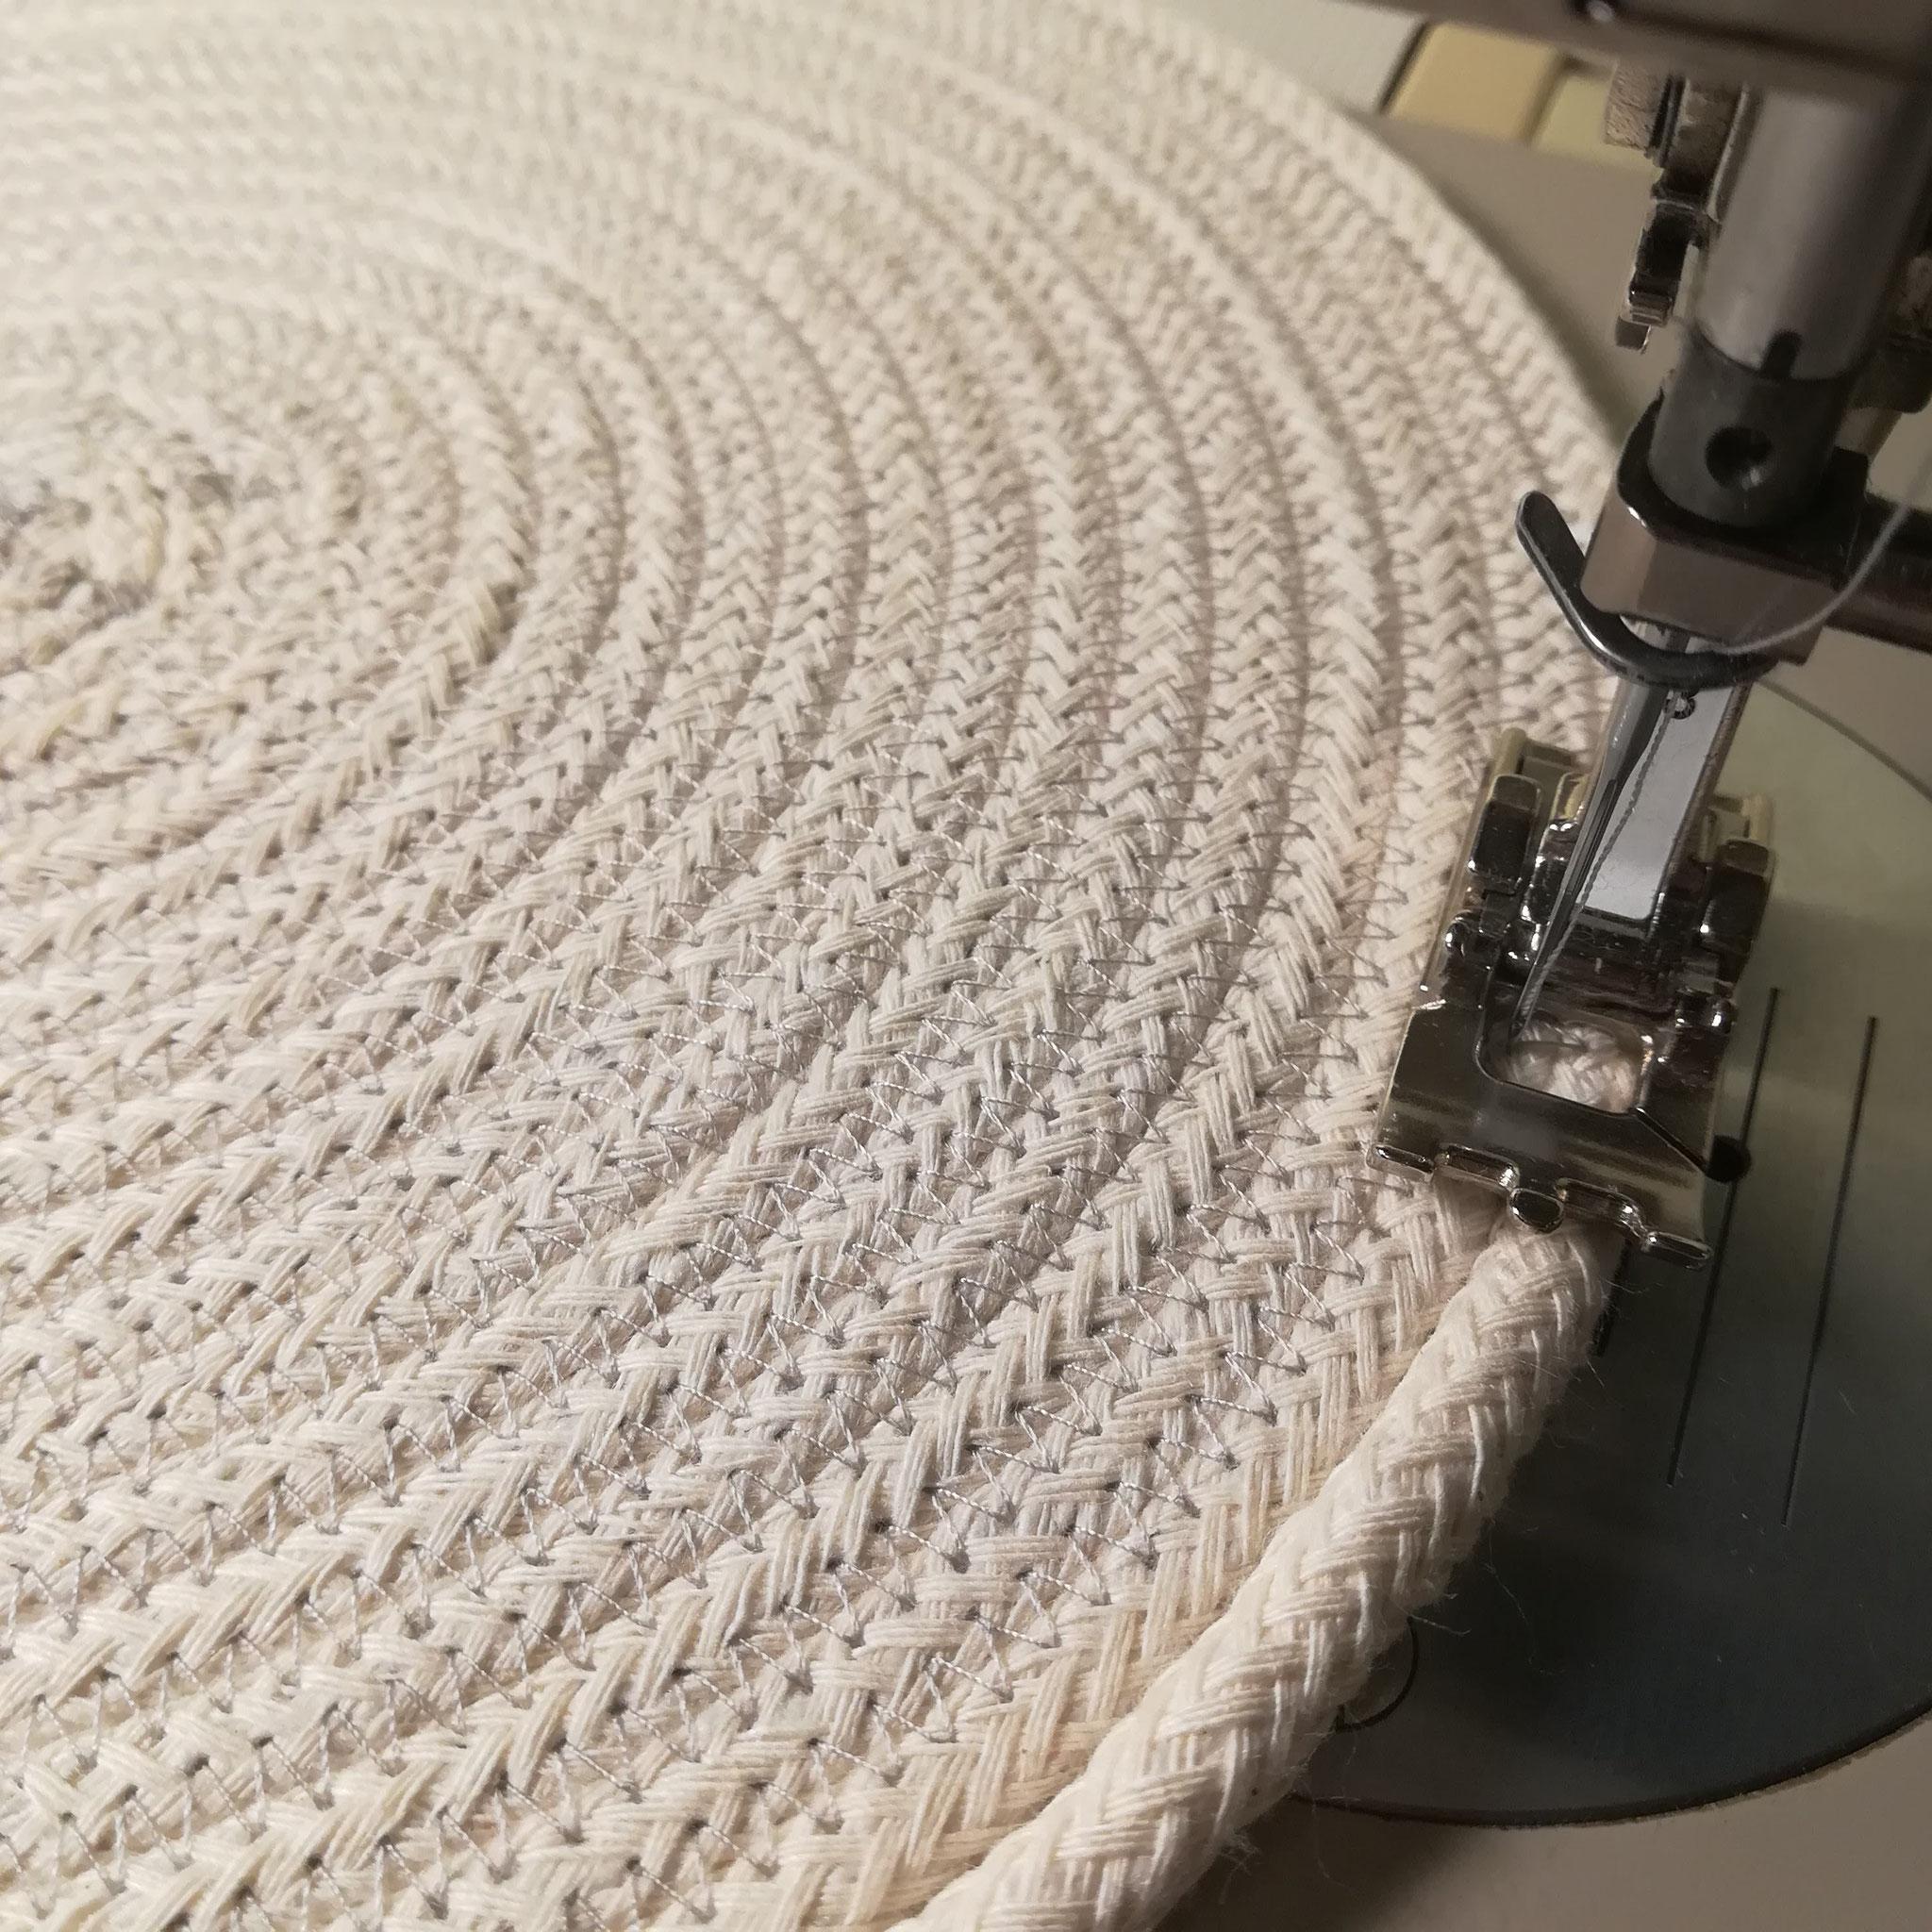 La forme de votre bol sera donnée par l'angle que vous lui imprimerais durant la couture.